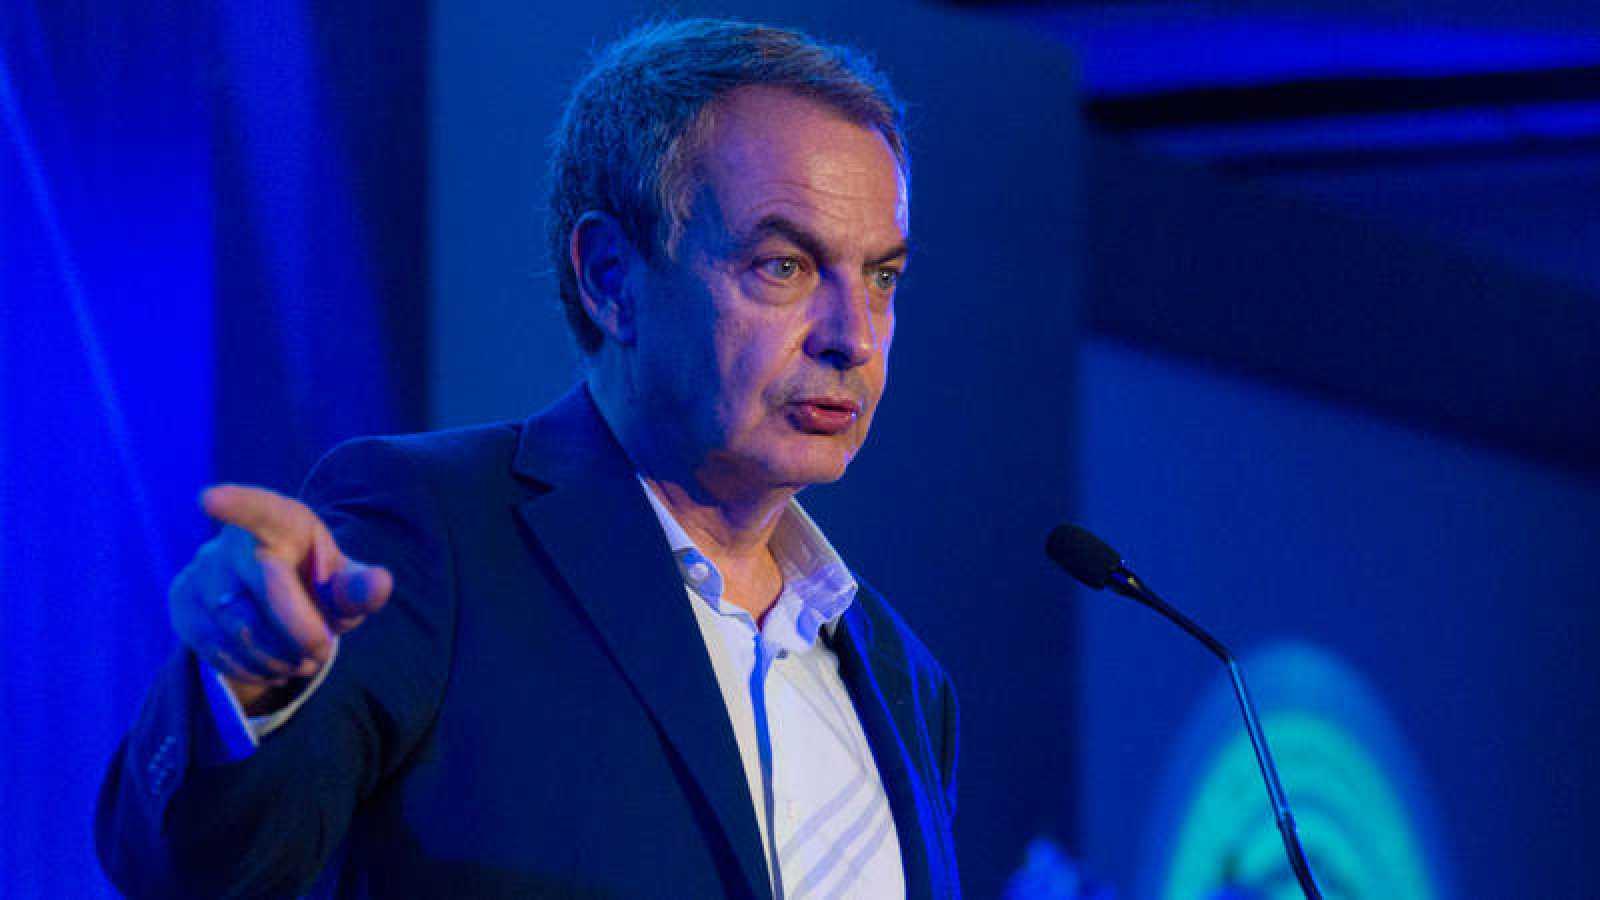 El expresidente del Gobierno, José Luis Rodríguez Zapatero,  habla durante una conferencia